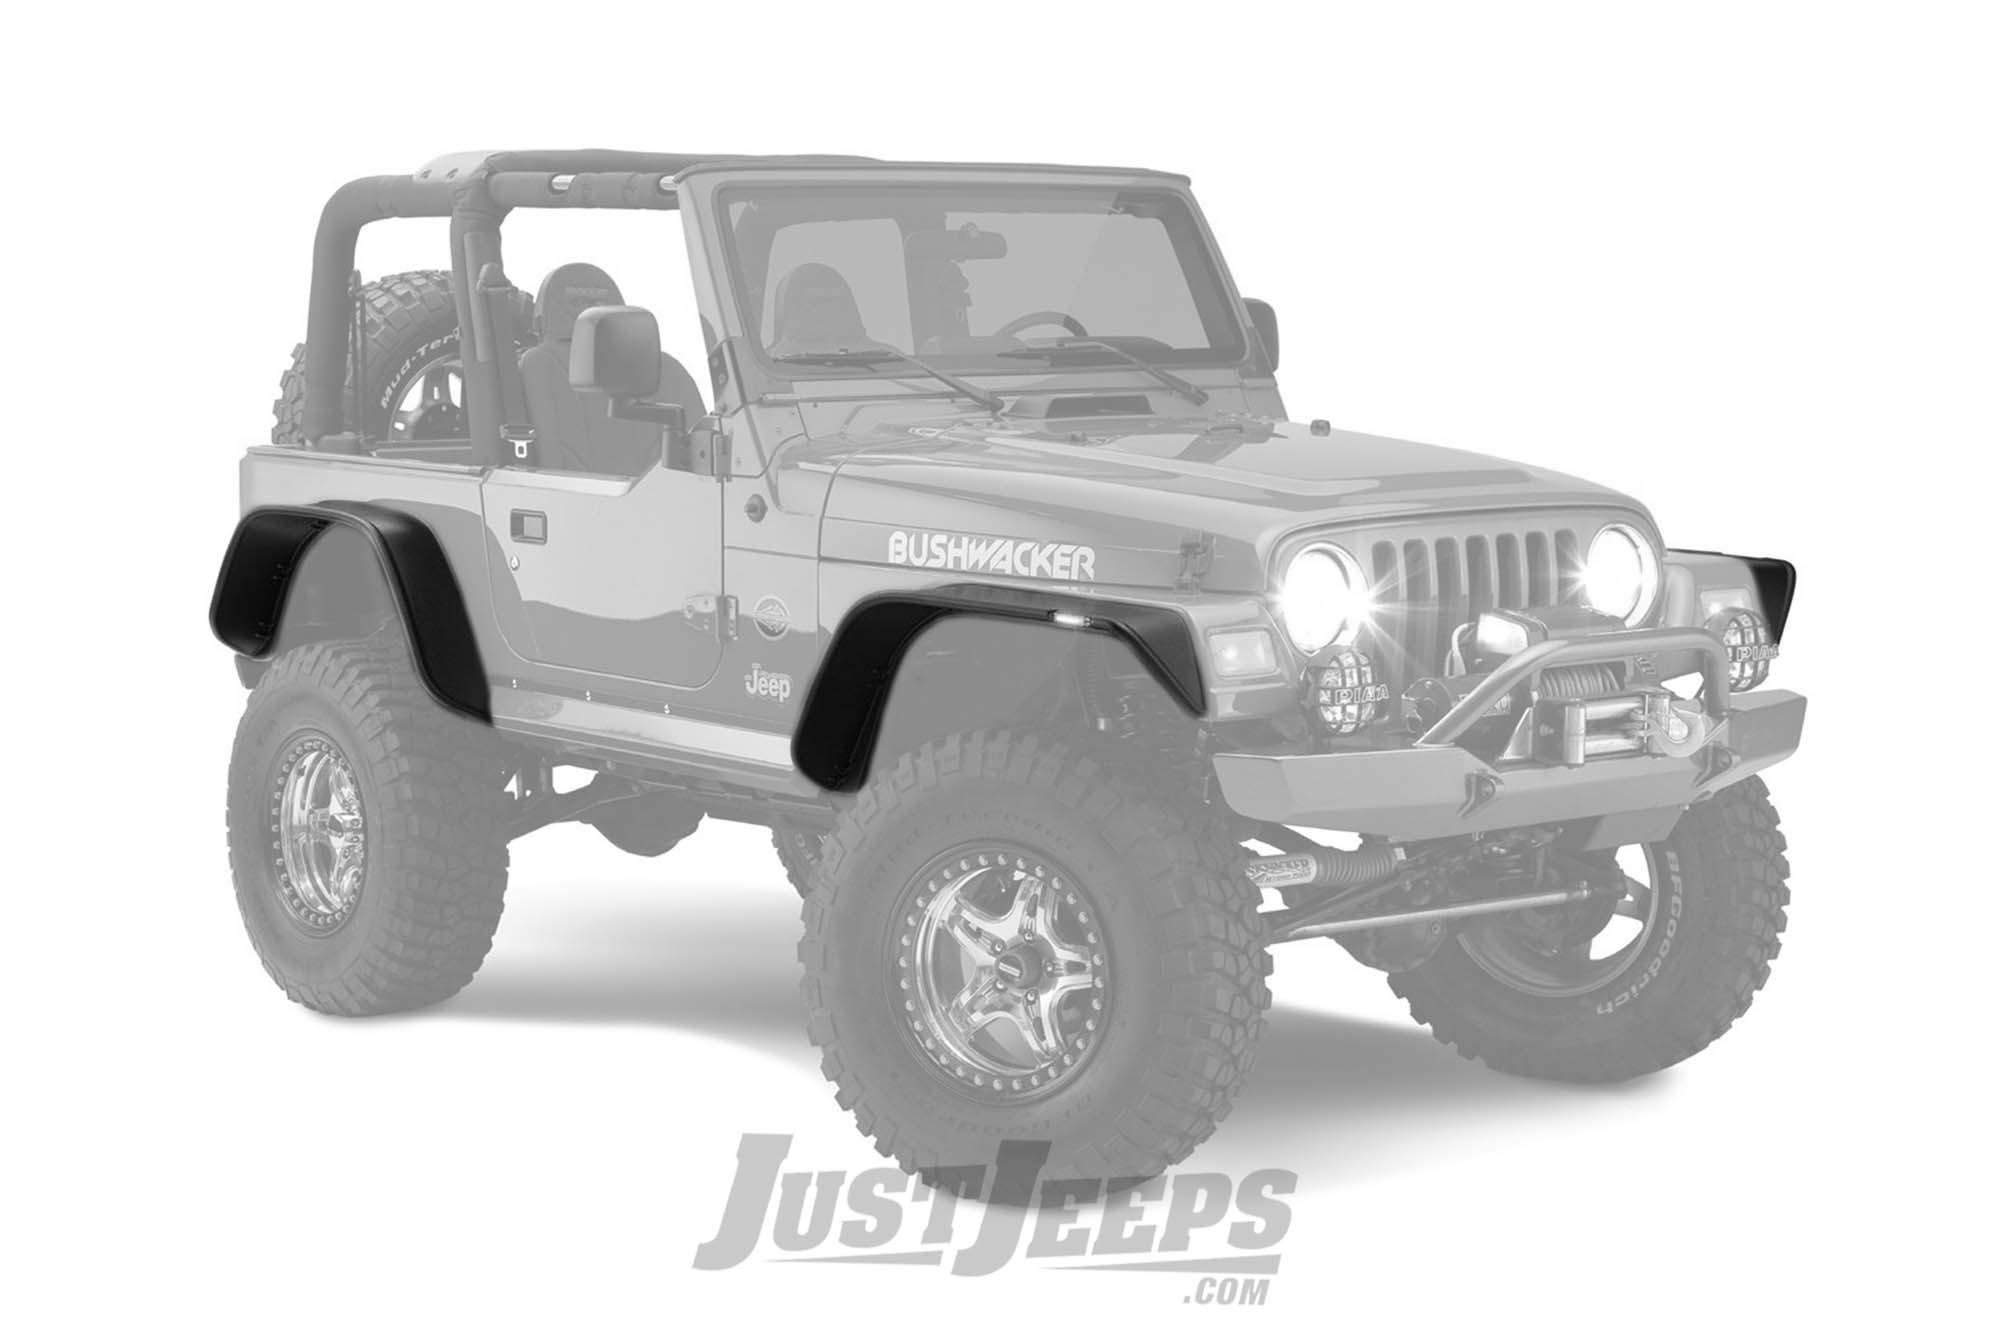 """Bushwacker 6"""" Flat Style Fender Flares For 1997-06 Jeep Wrangler TJ & TJ Unlimited Models"""